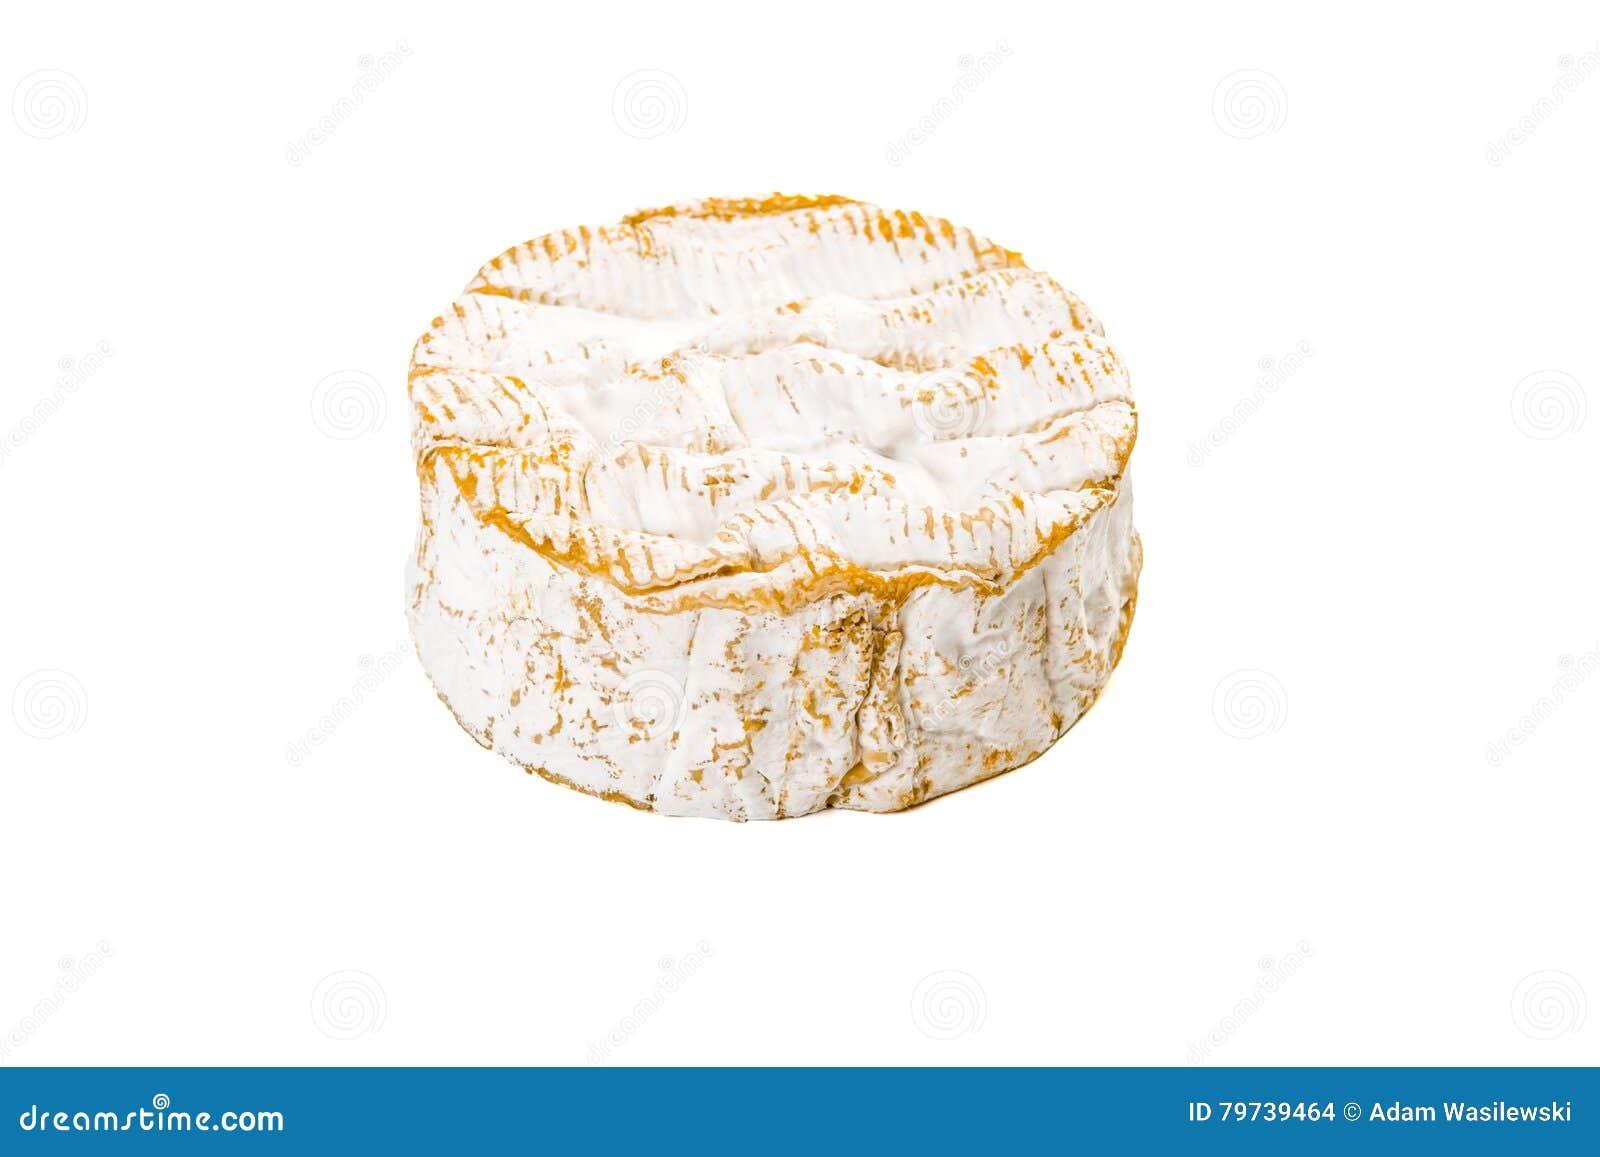 Queso francés - camembert